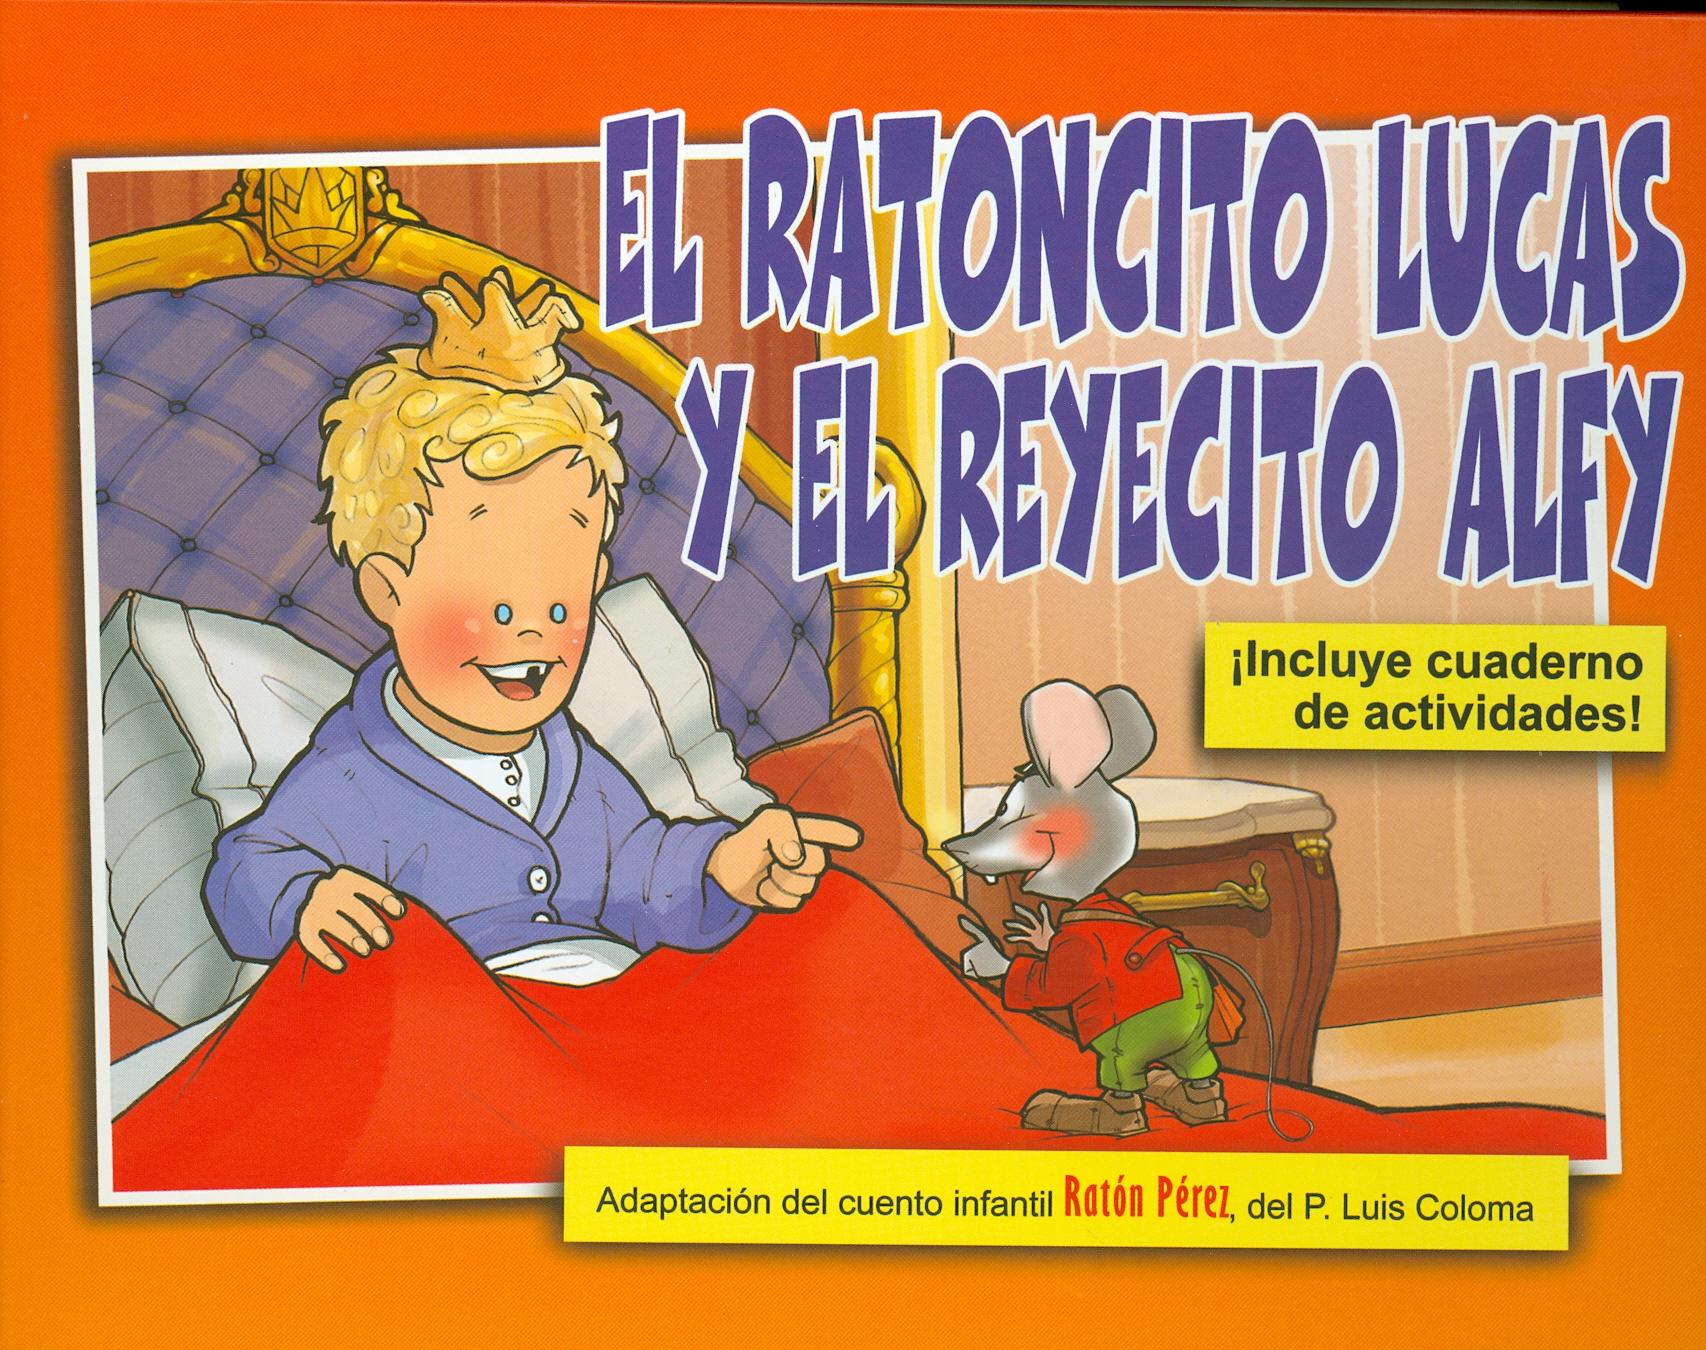 El ratoncito Lucas y el reyecito Alfy